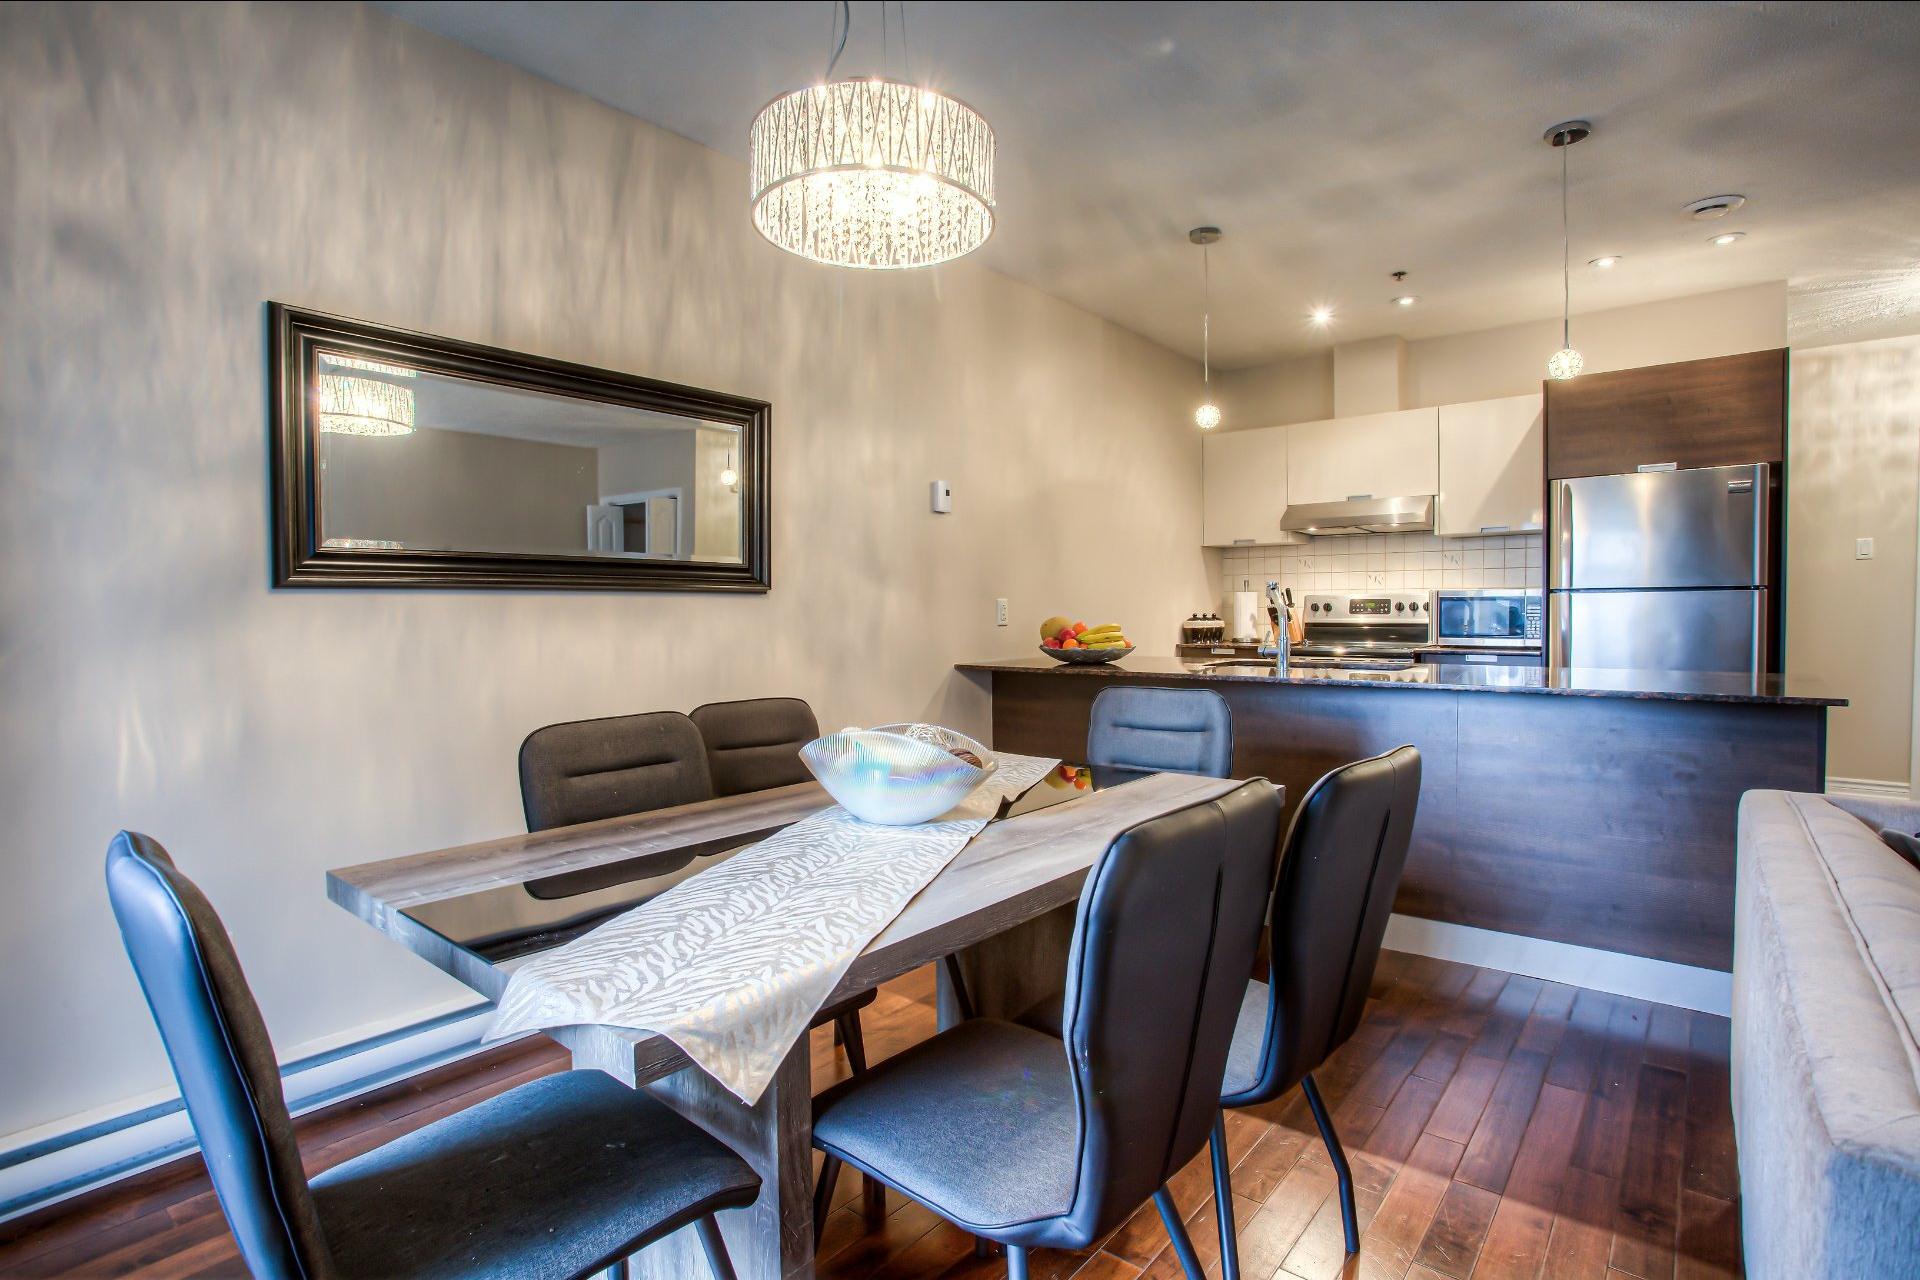 image 7 - Apartment For sale Saint-Laurent Montréal  - 9 rooms